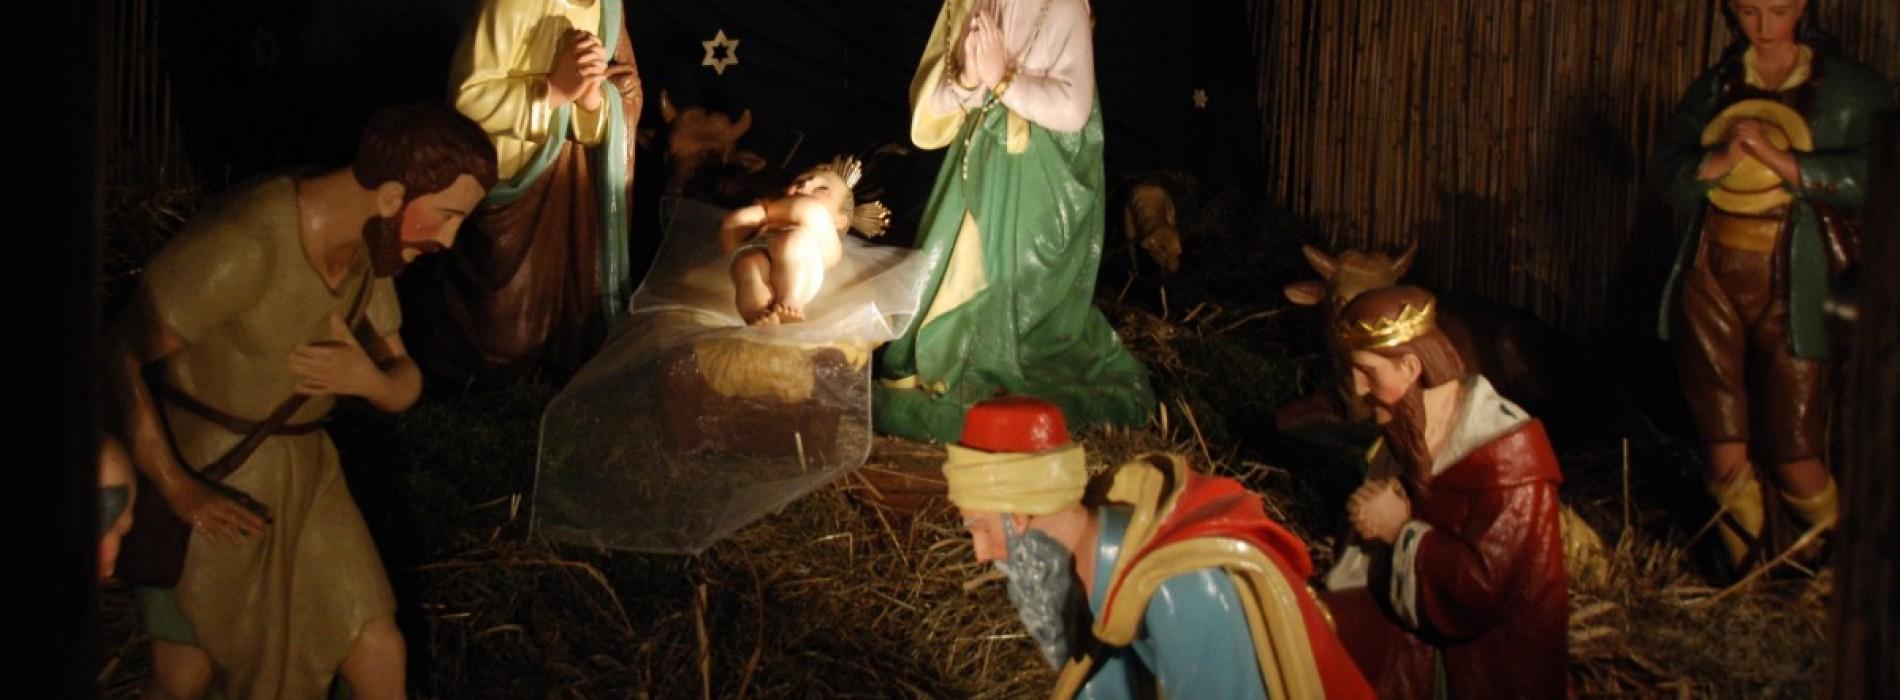 A fost cândva… Crăciunul. Tu știi povestea Nașterii lui Iisus?